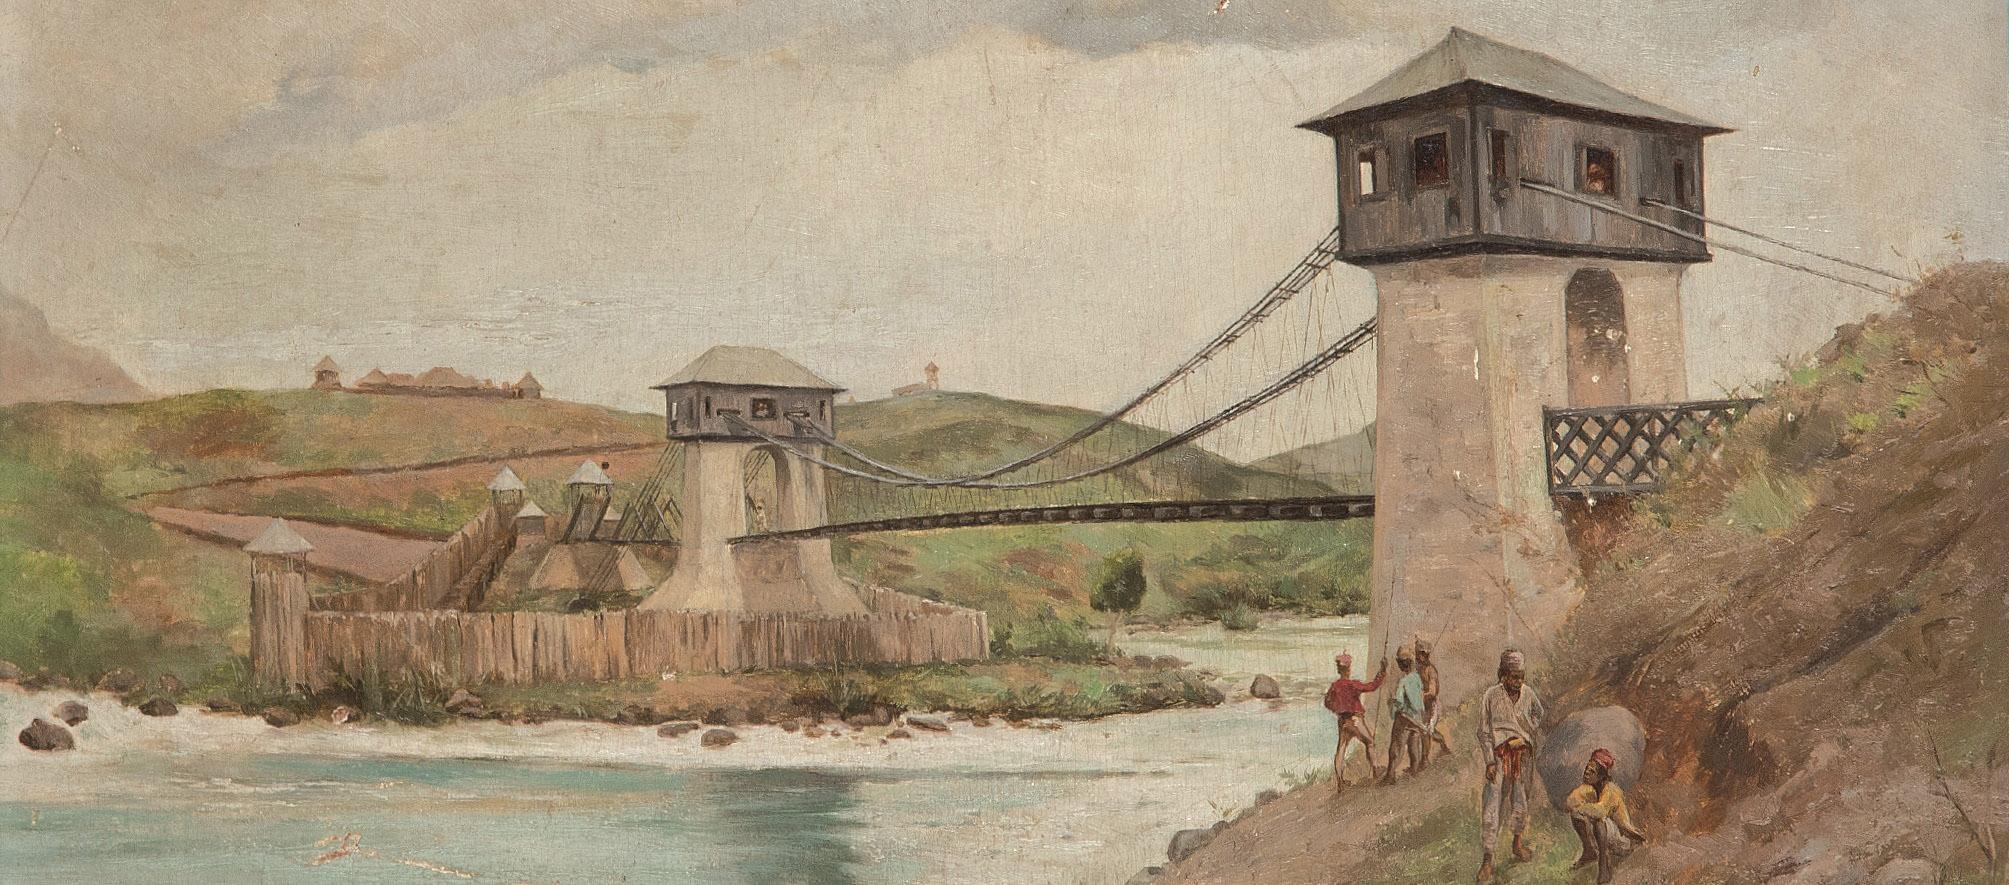 José Taviel de Andrade. Vista del puente Alfonso XIII sobre el río Agus, Marawi, 1896, detalle